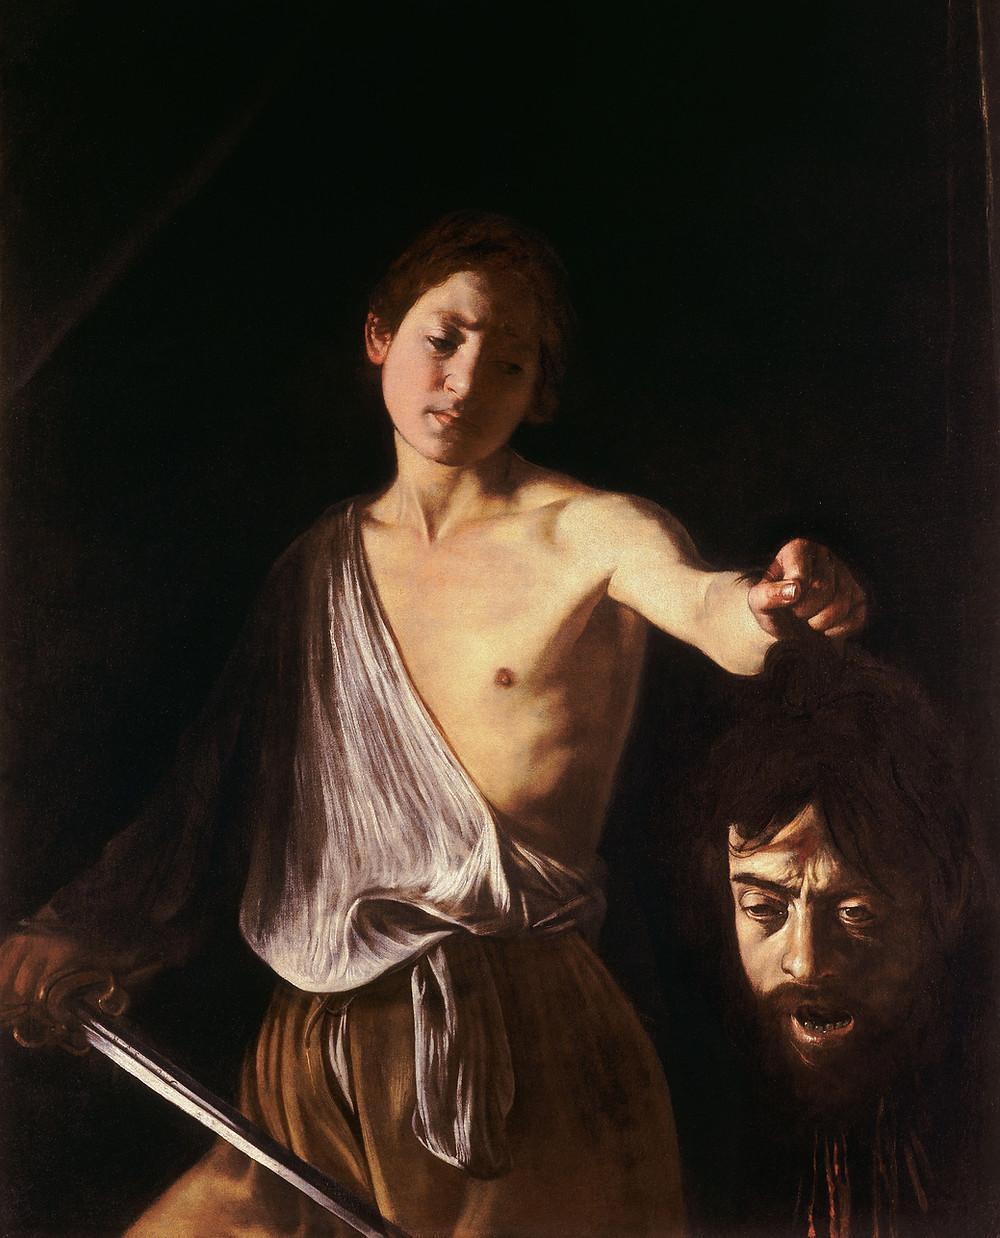 Le Caravage, Rome, analyse, David tenant la tête de Goliath, clair obscur, peinture italienne